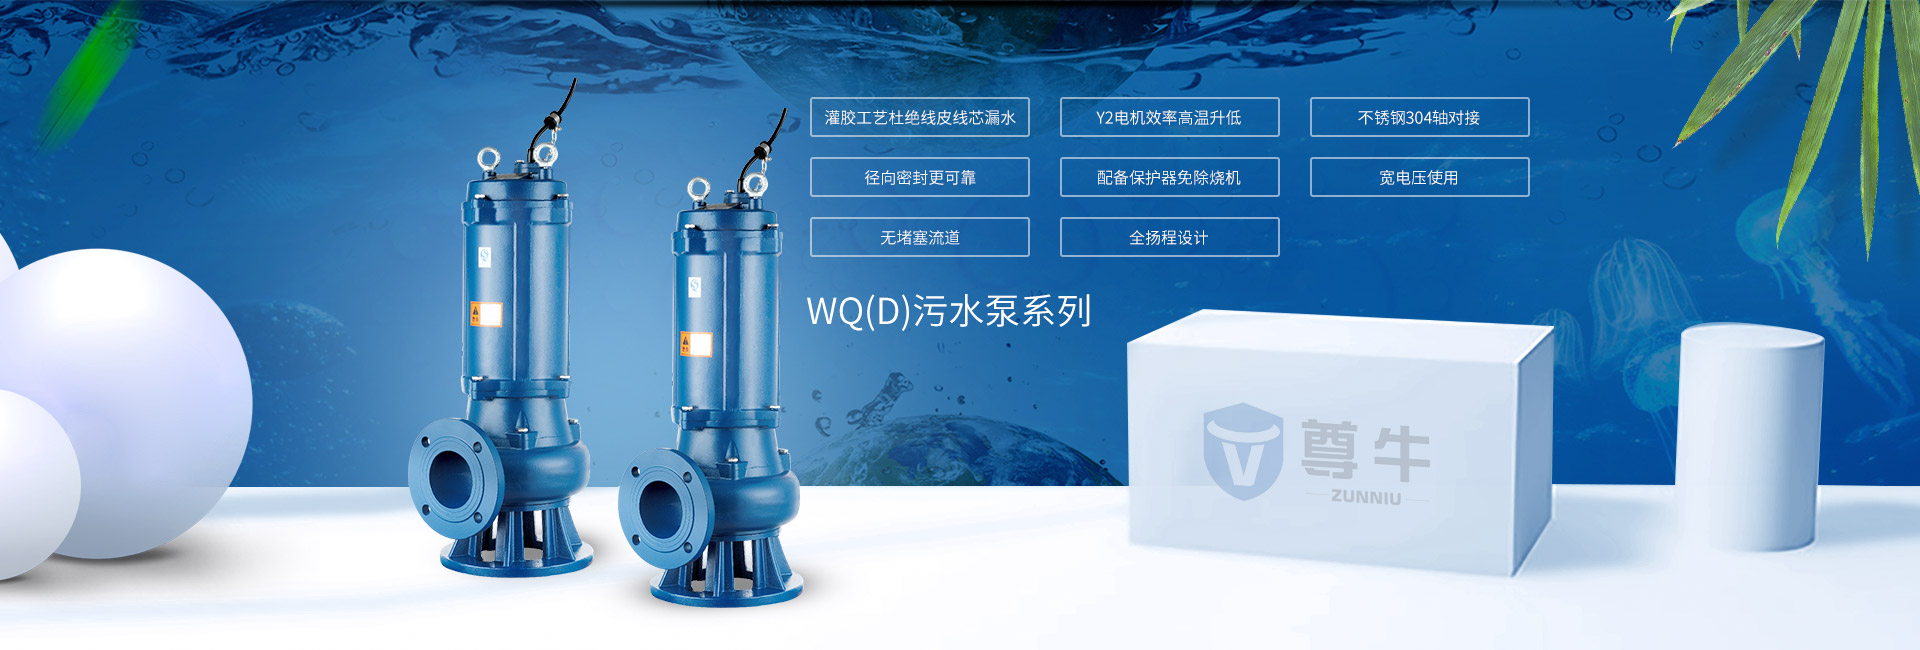 浙江海牛泵业有限公司